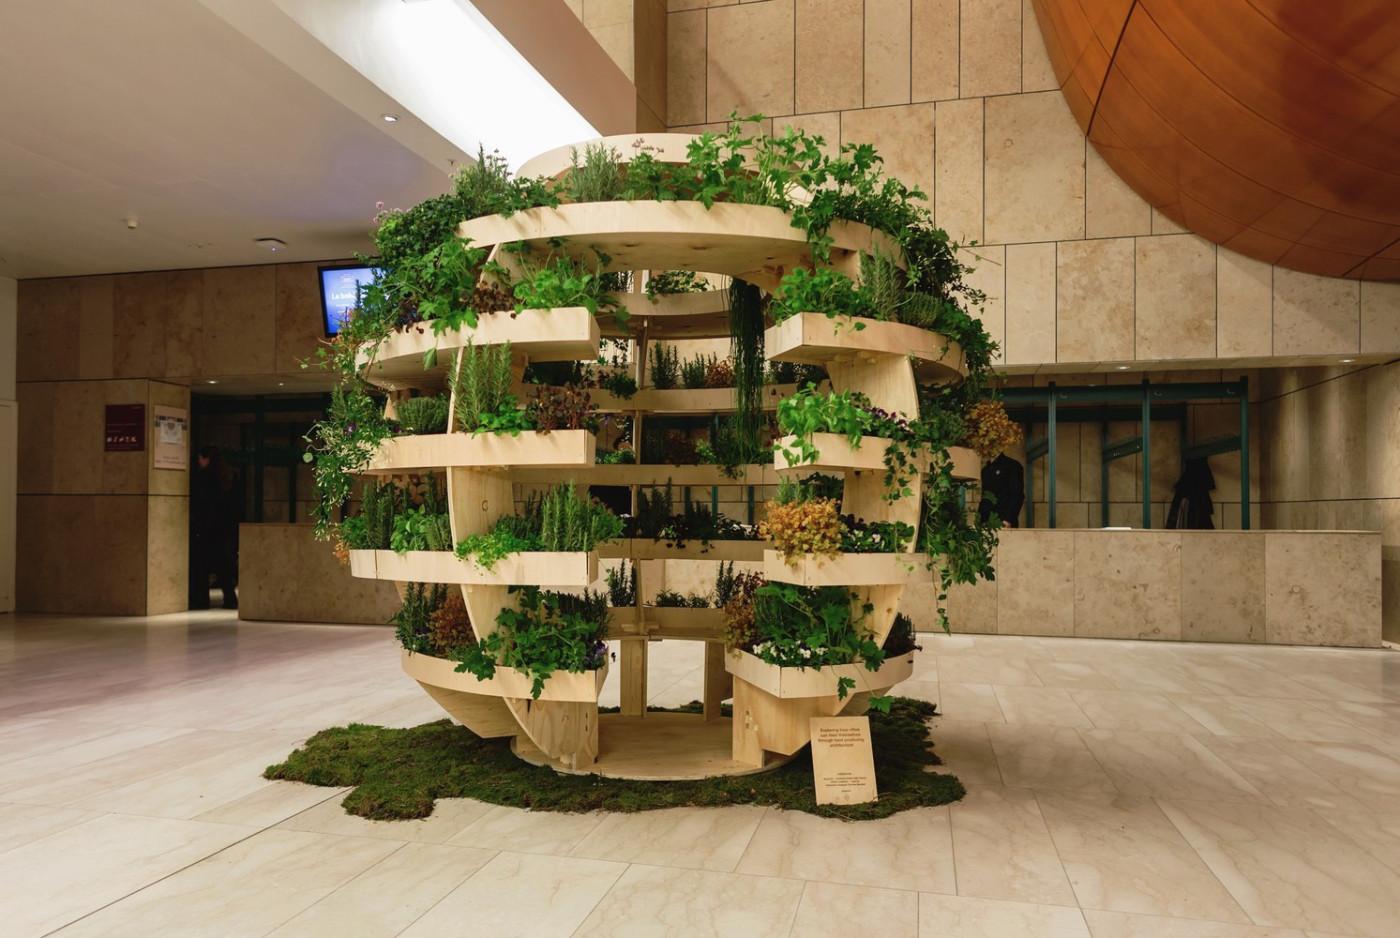 diseño de espacios verdes grow room ikea